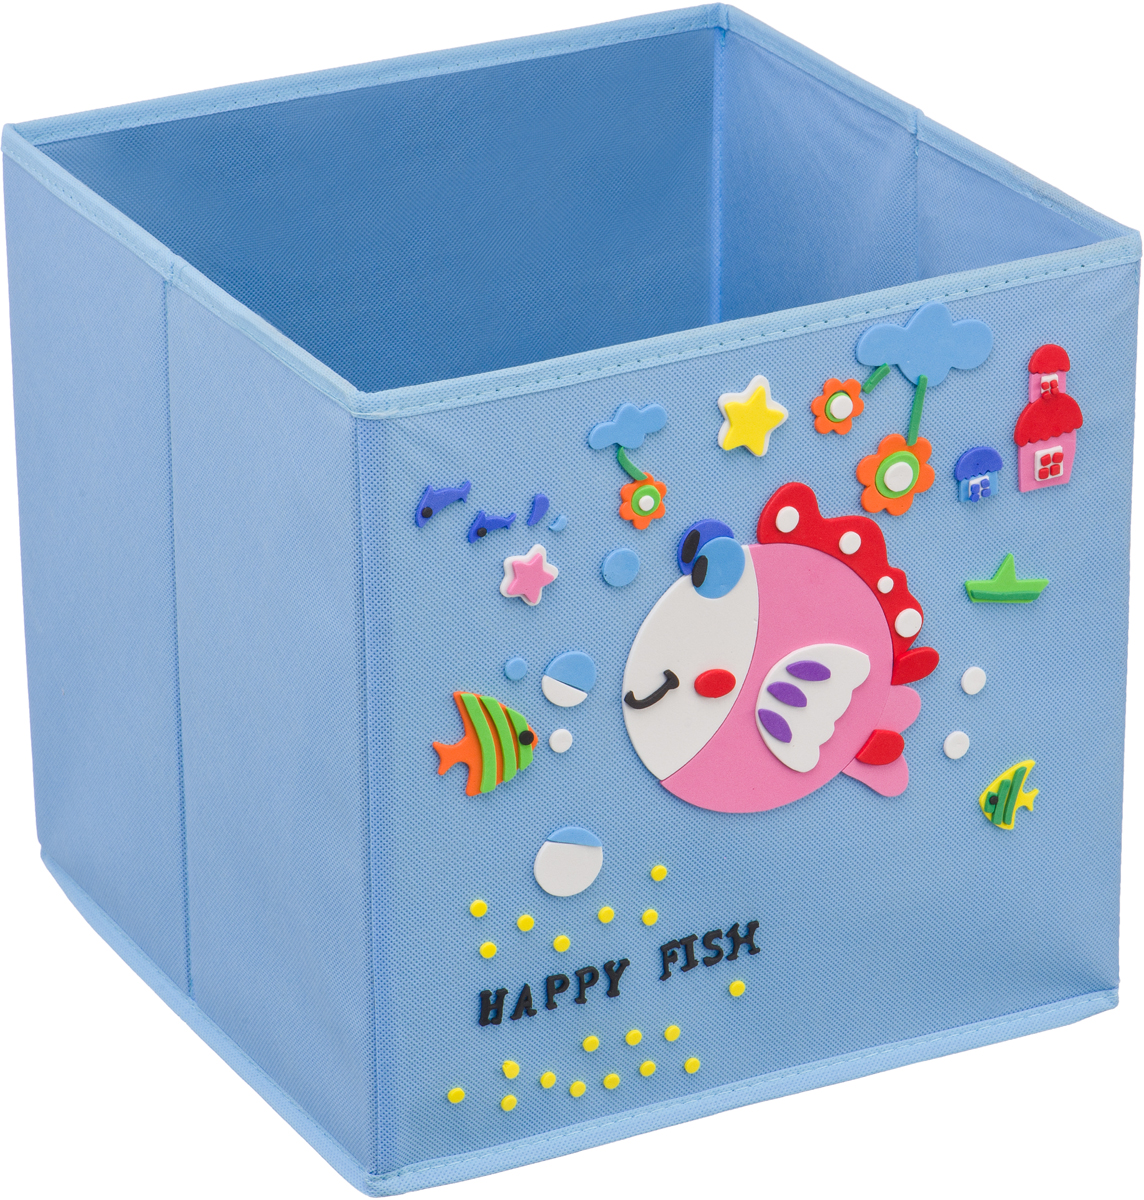 Кофр для хранения Handy Home Рыбка, с аппликацией, цвет: голубойUC-109Кофр с аппликацией – Универсальная система для домашнего хранения, которая дополняется интересной аппликацией с эксклюзивным и веселым детским дизайном для оформления фронтальной стороны короба. Комплект представляет собой складной короб из нетканого материала и картона плюс самоклеящаяся аппликация из полимера, которую необходимо самому собрать в картину. Соберите всю увлекательную коллекцию у себя дома.